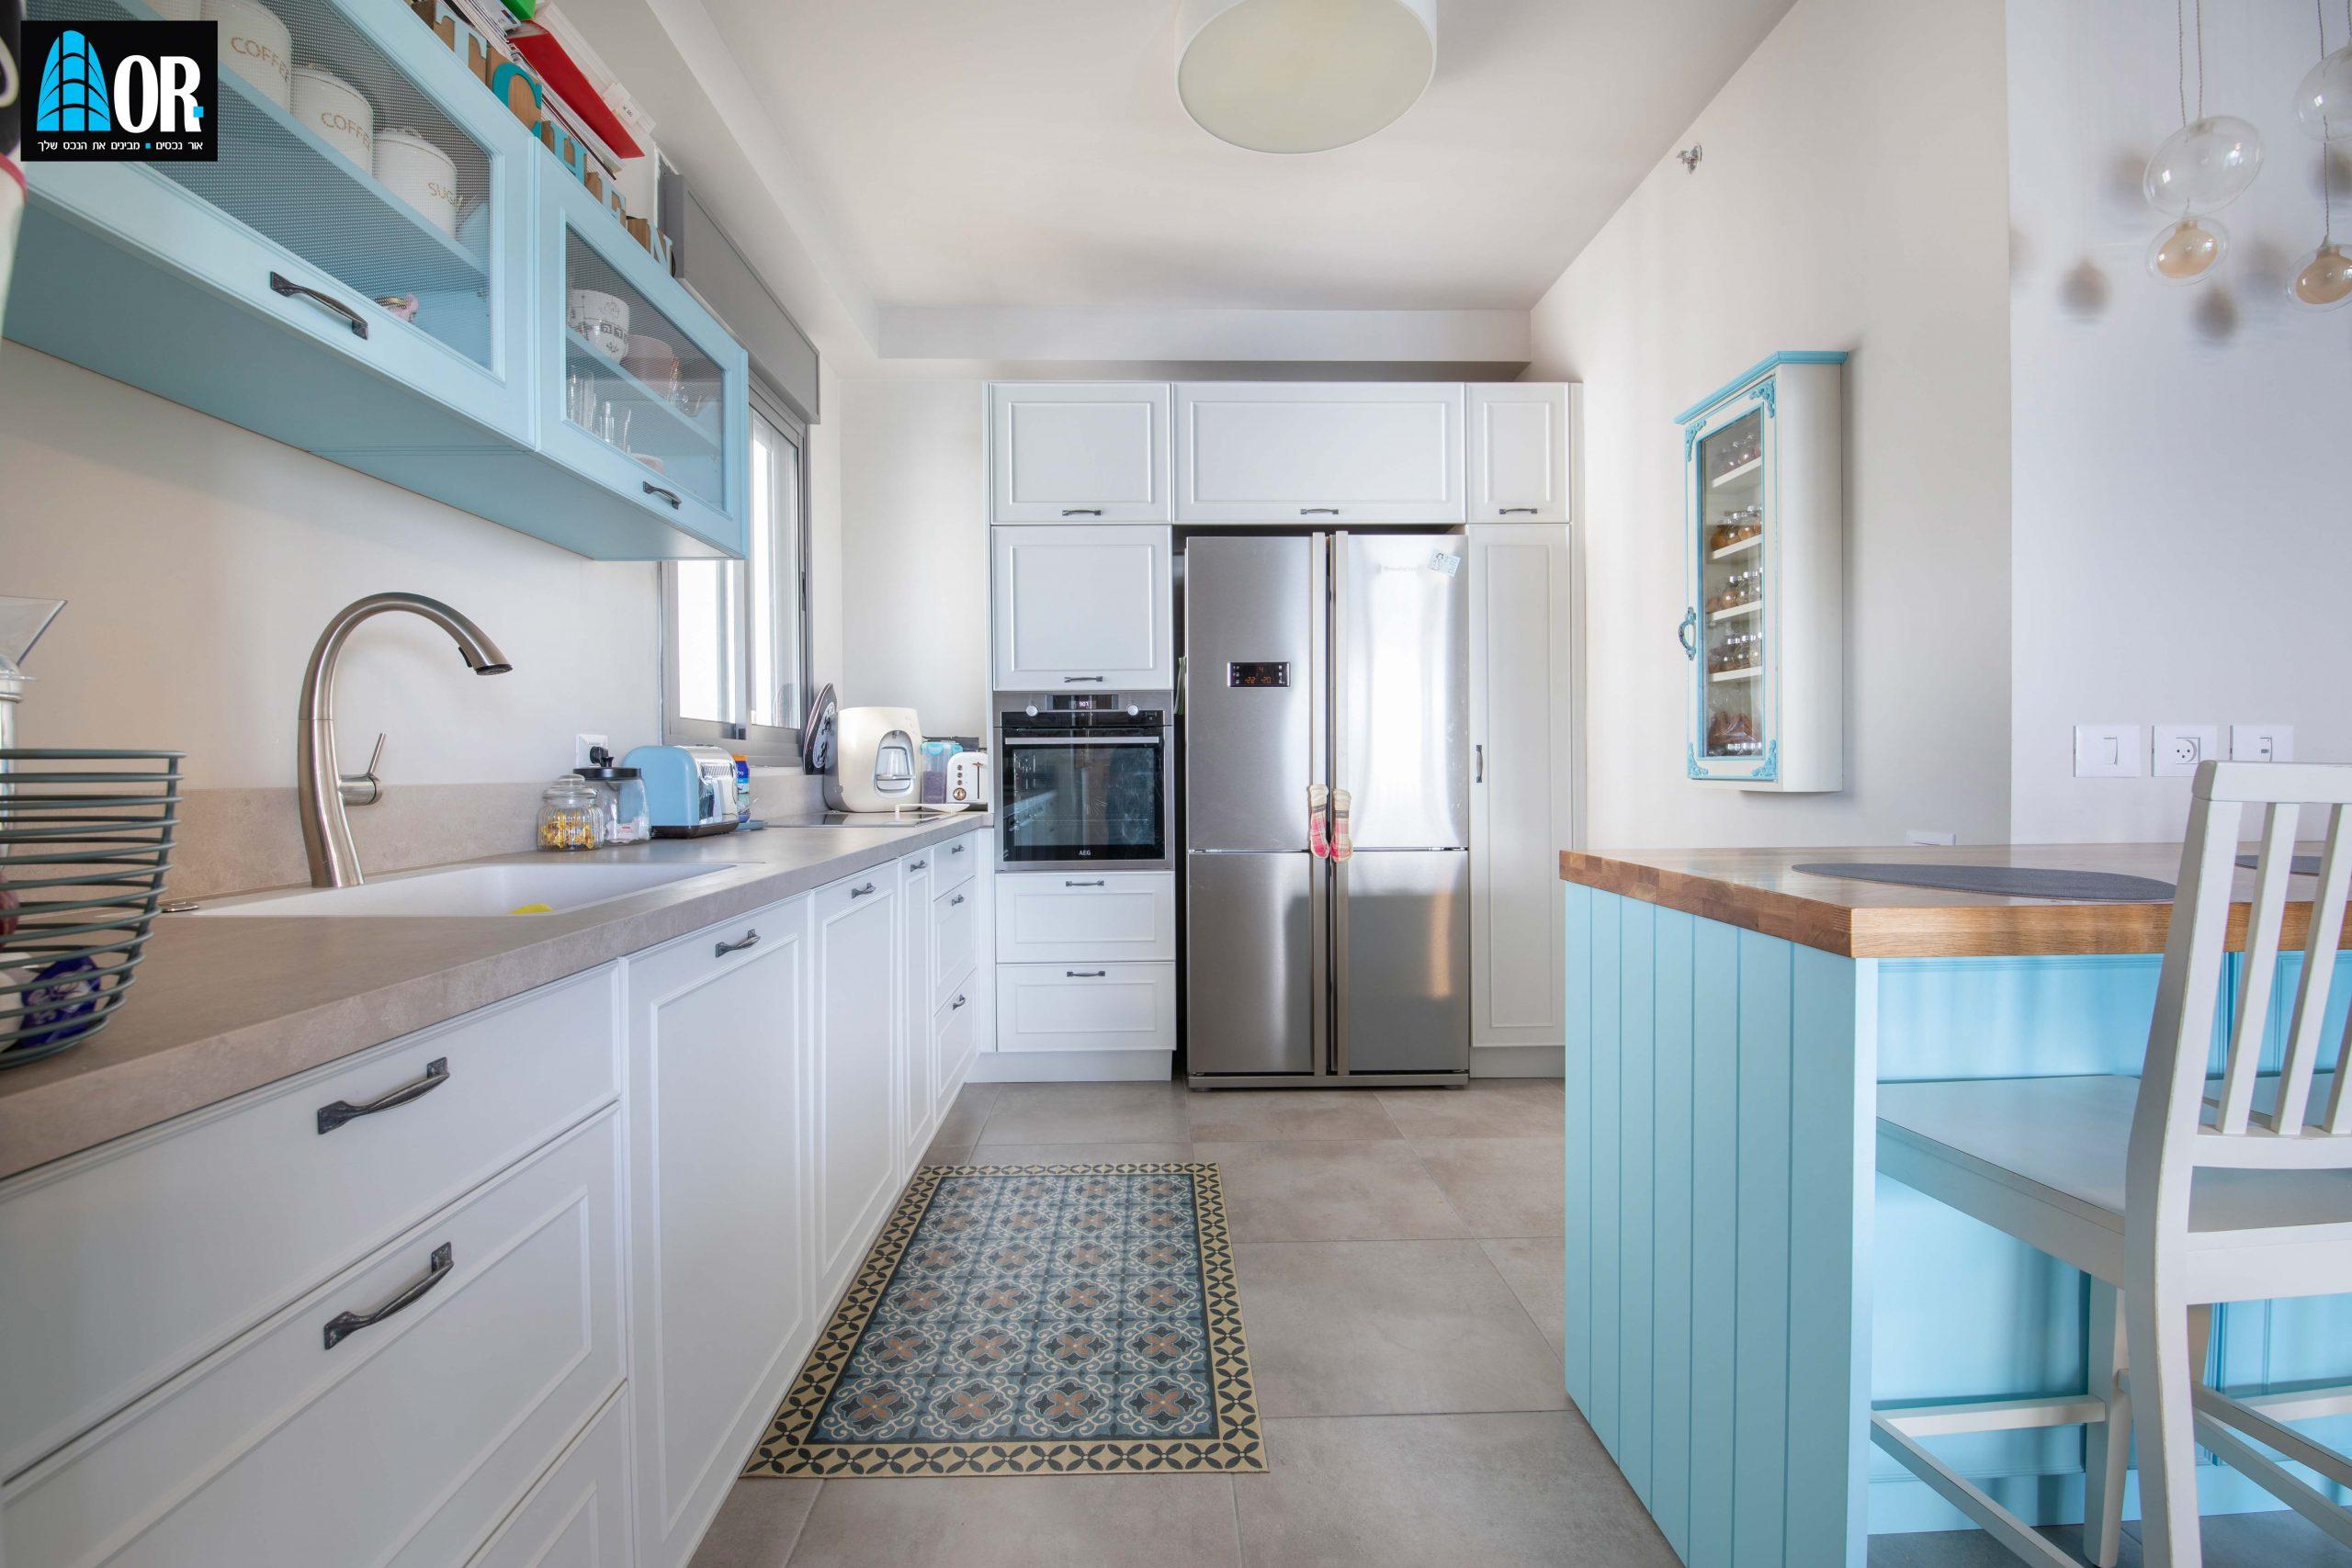 מטבח דירה 4 חדרים שכונה צמרות